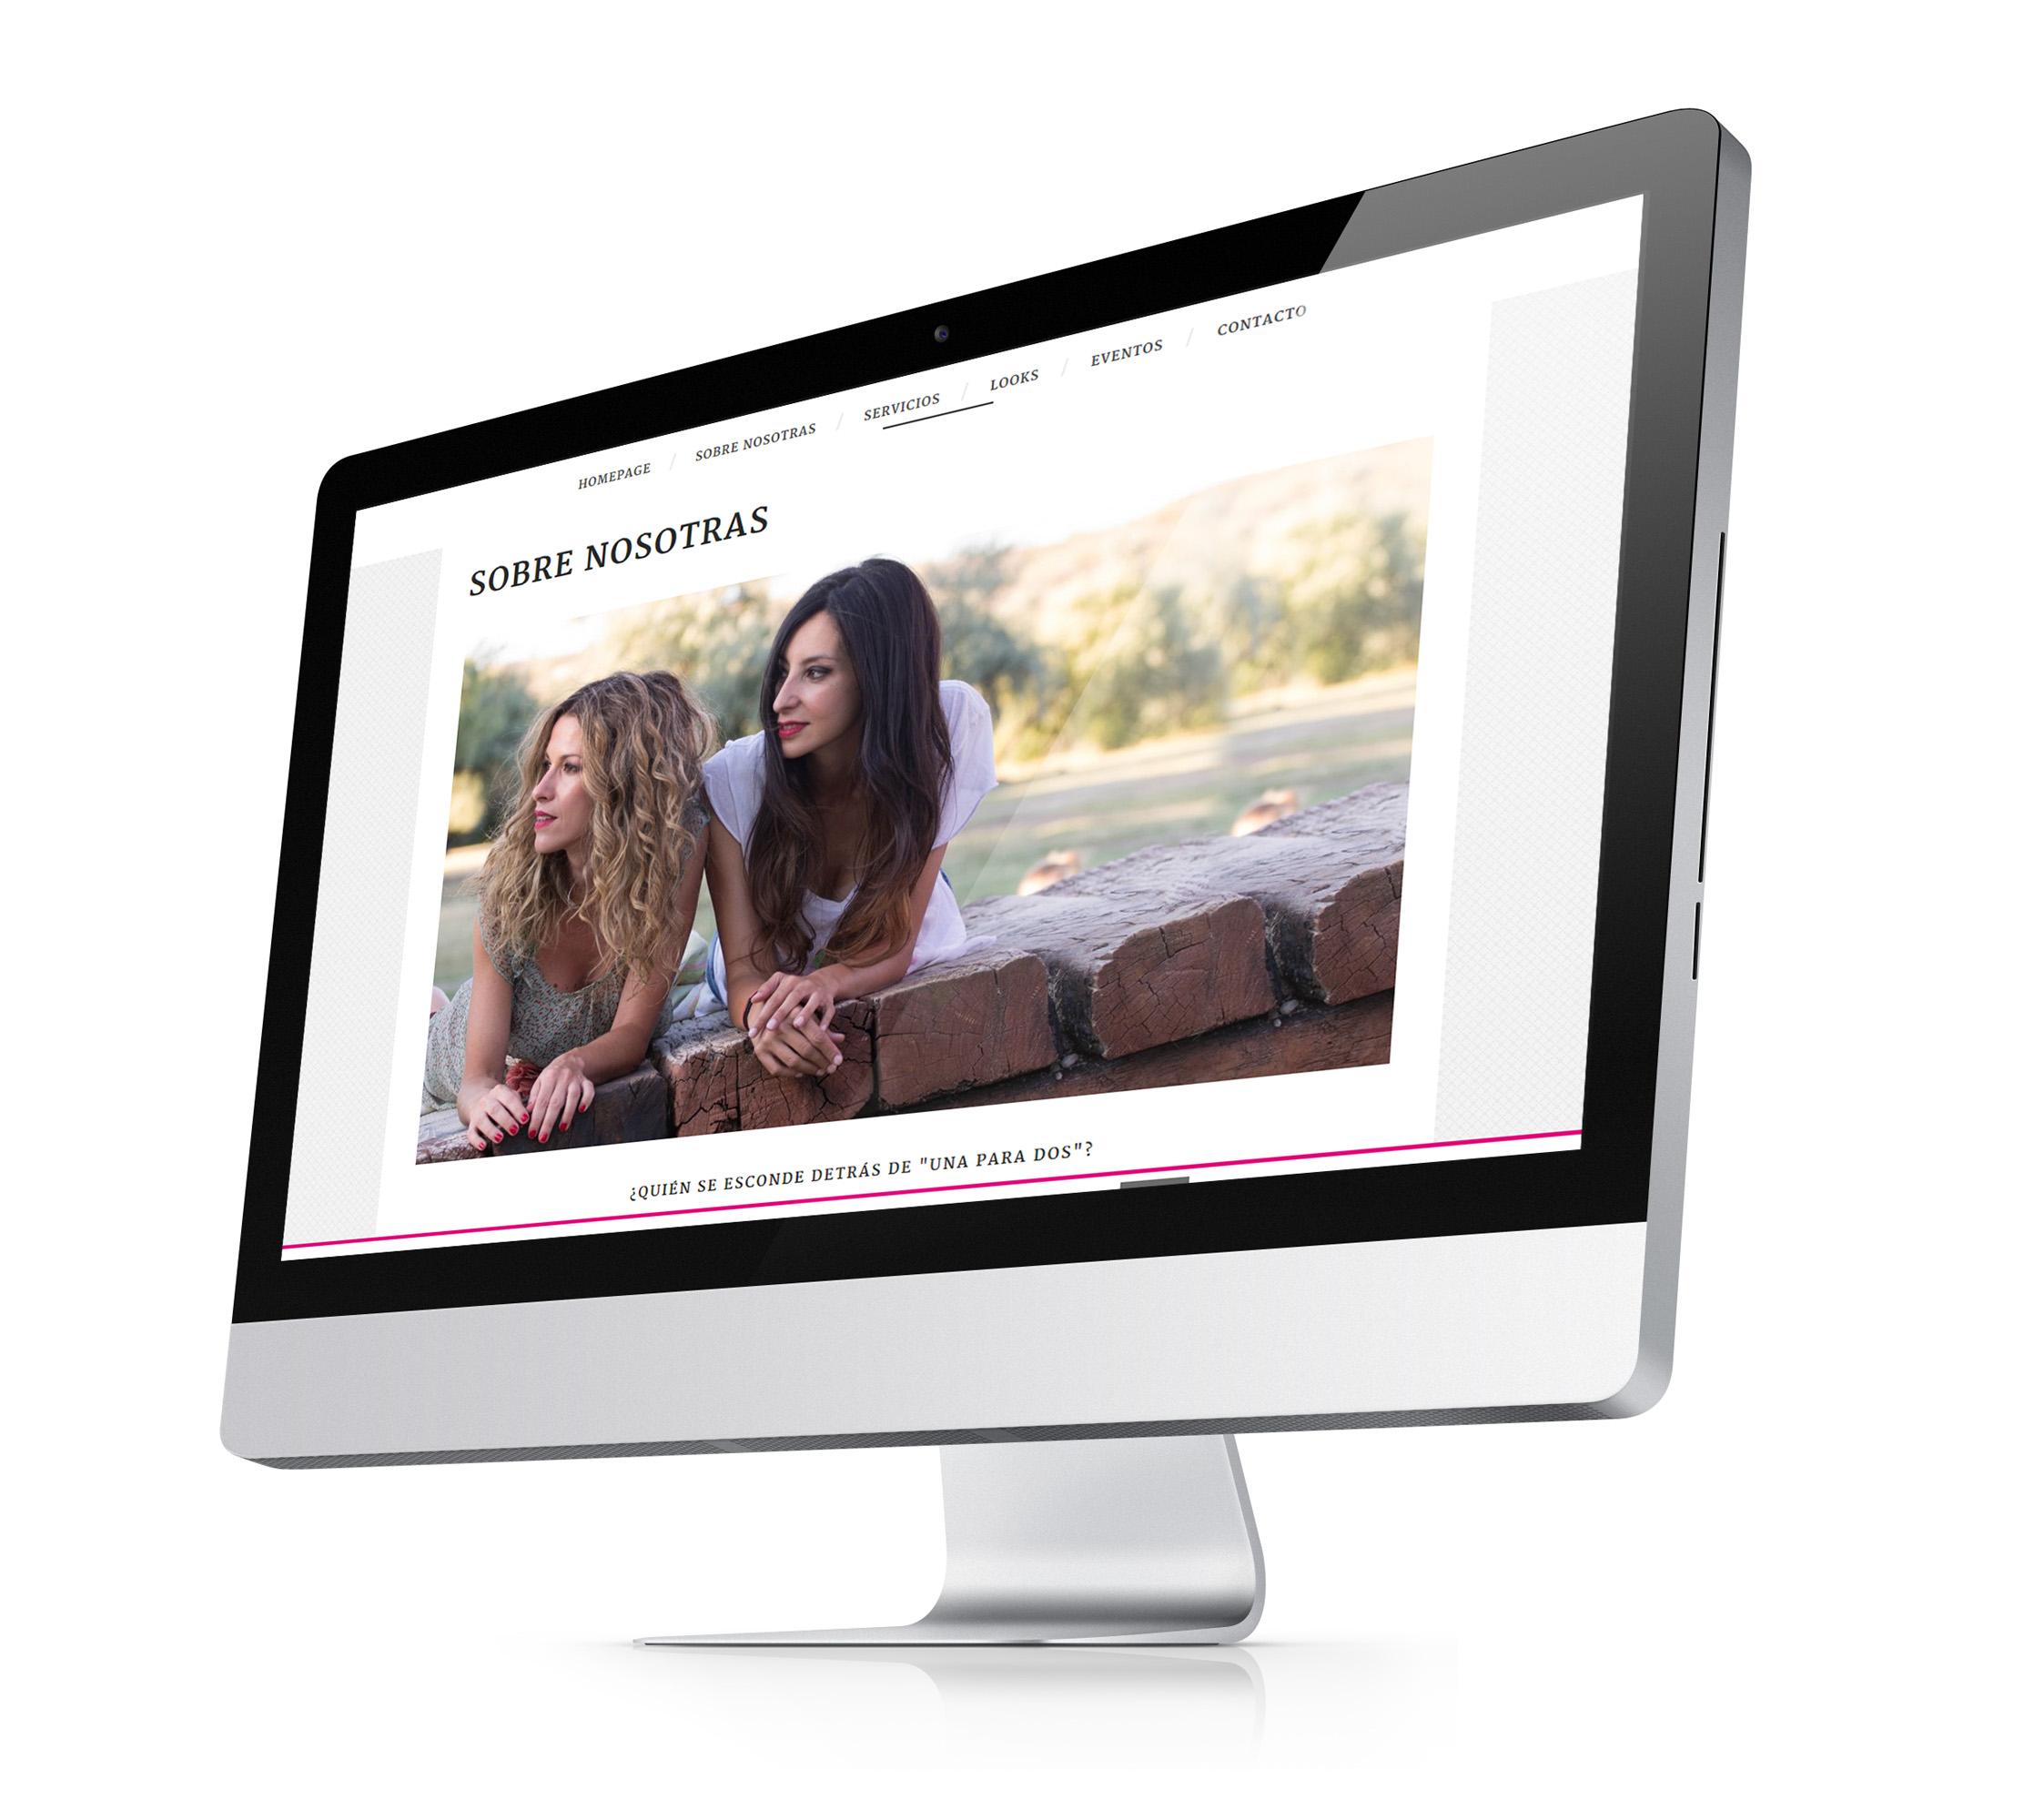 Blog de moda/personal shopper